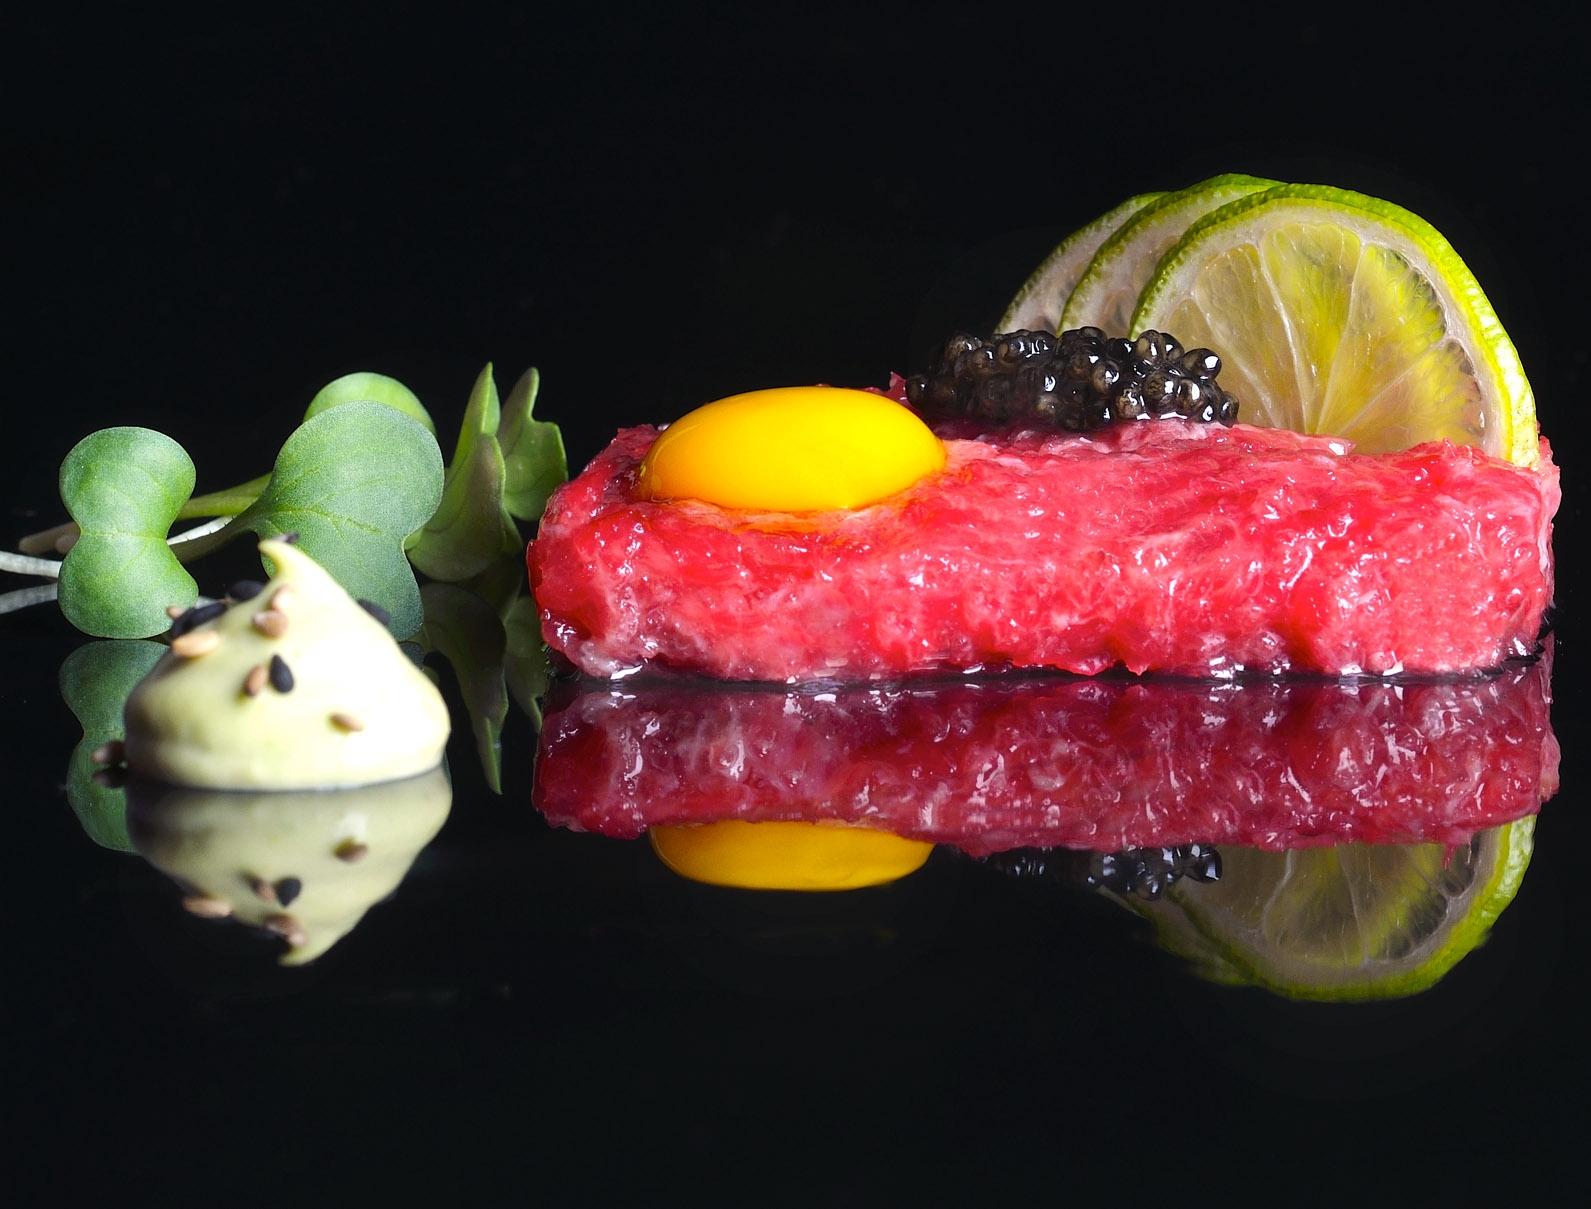 D 39 picoteo nikkei 225 gran restaurante con lo mejor de jap n y un toque de per - Nikkei 225 restaurante ...